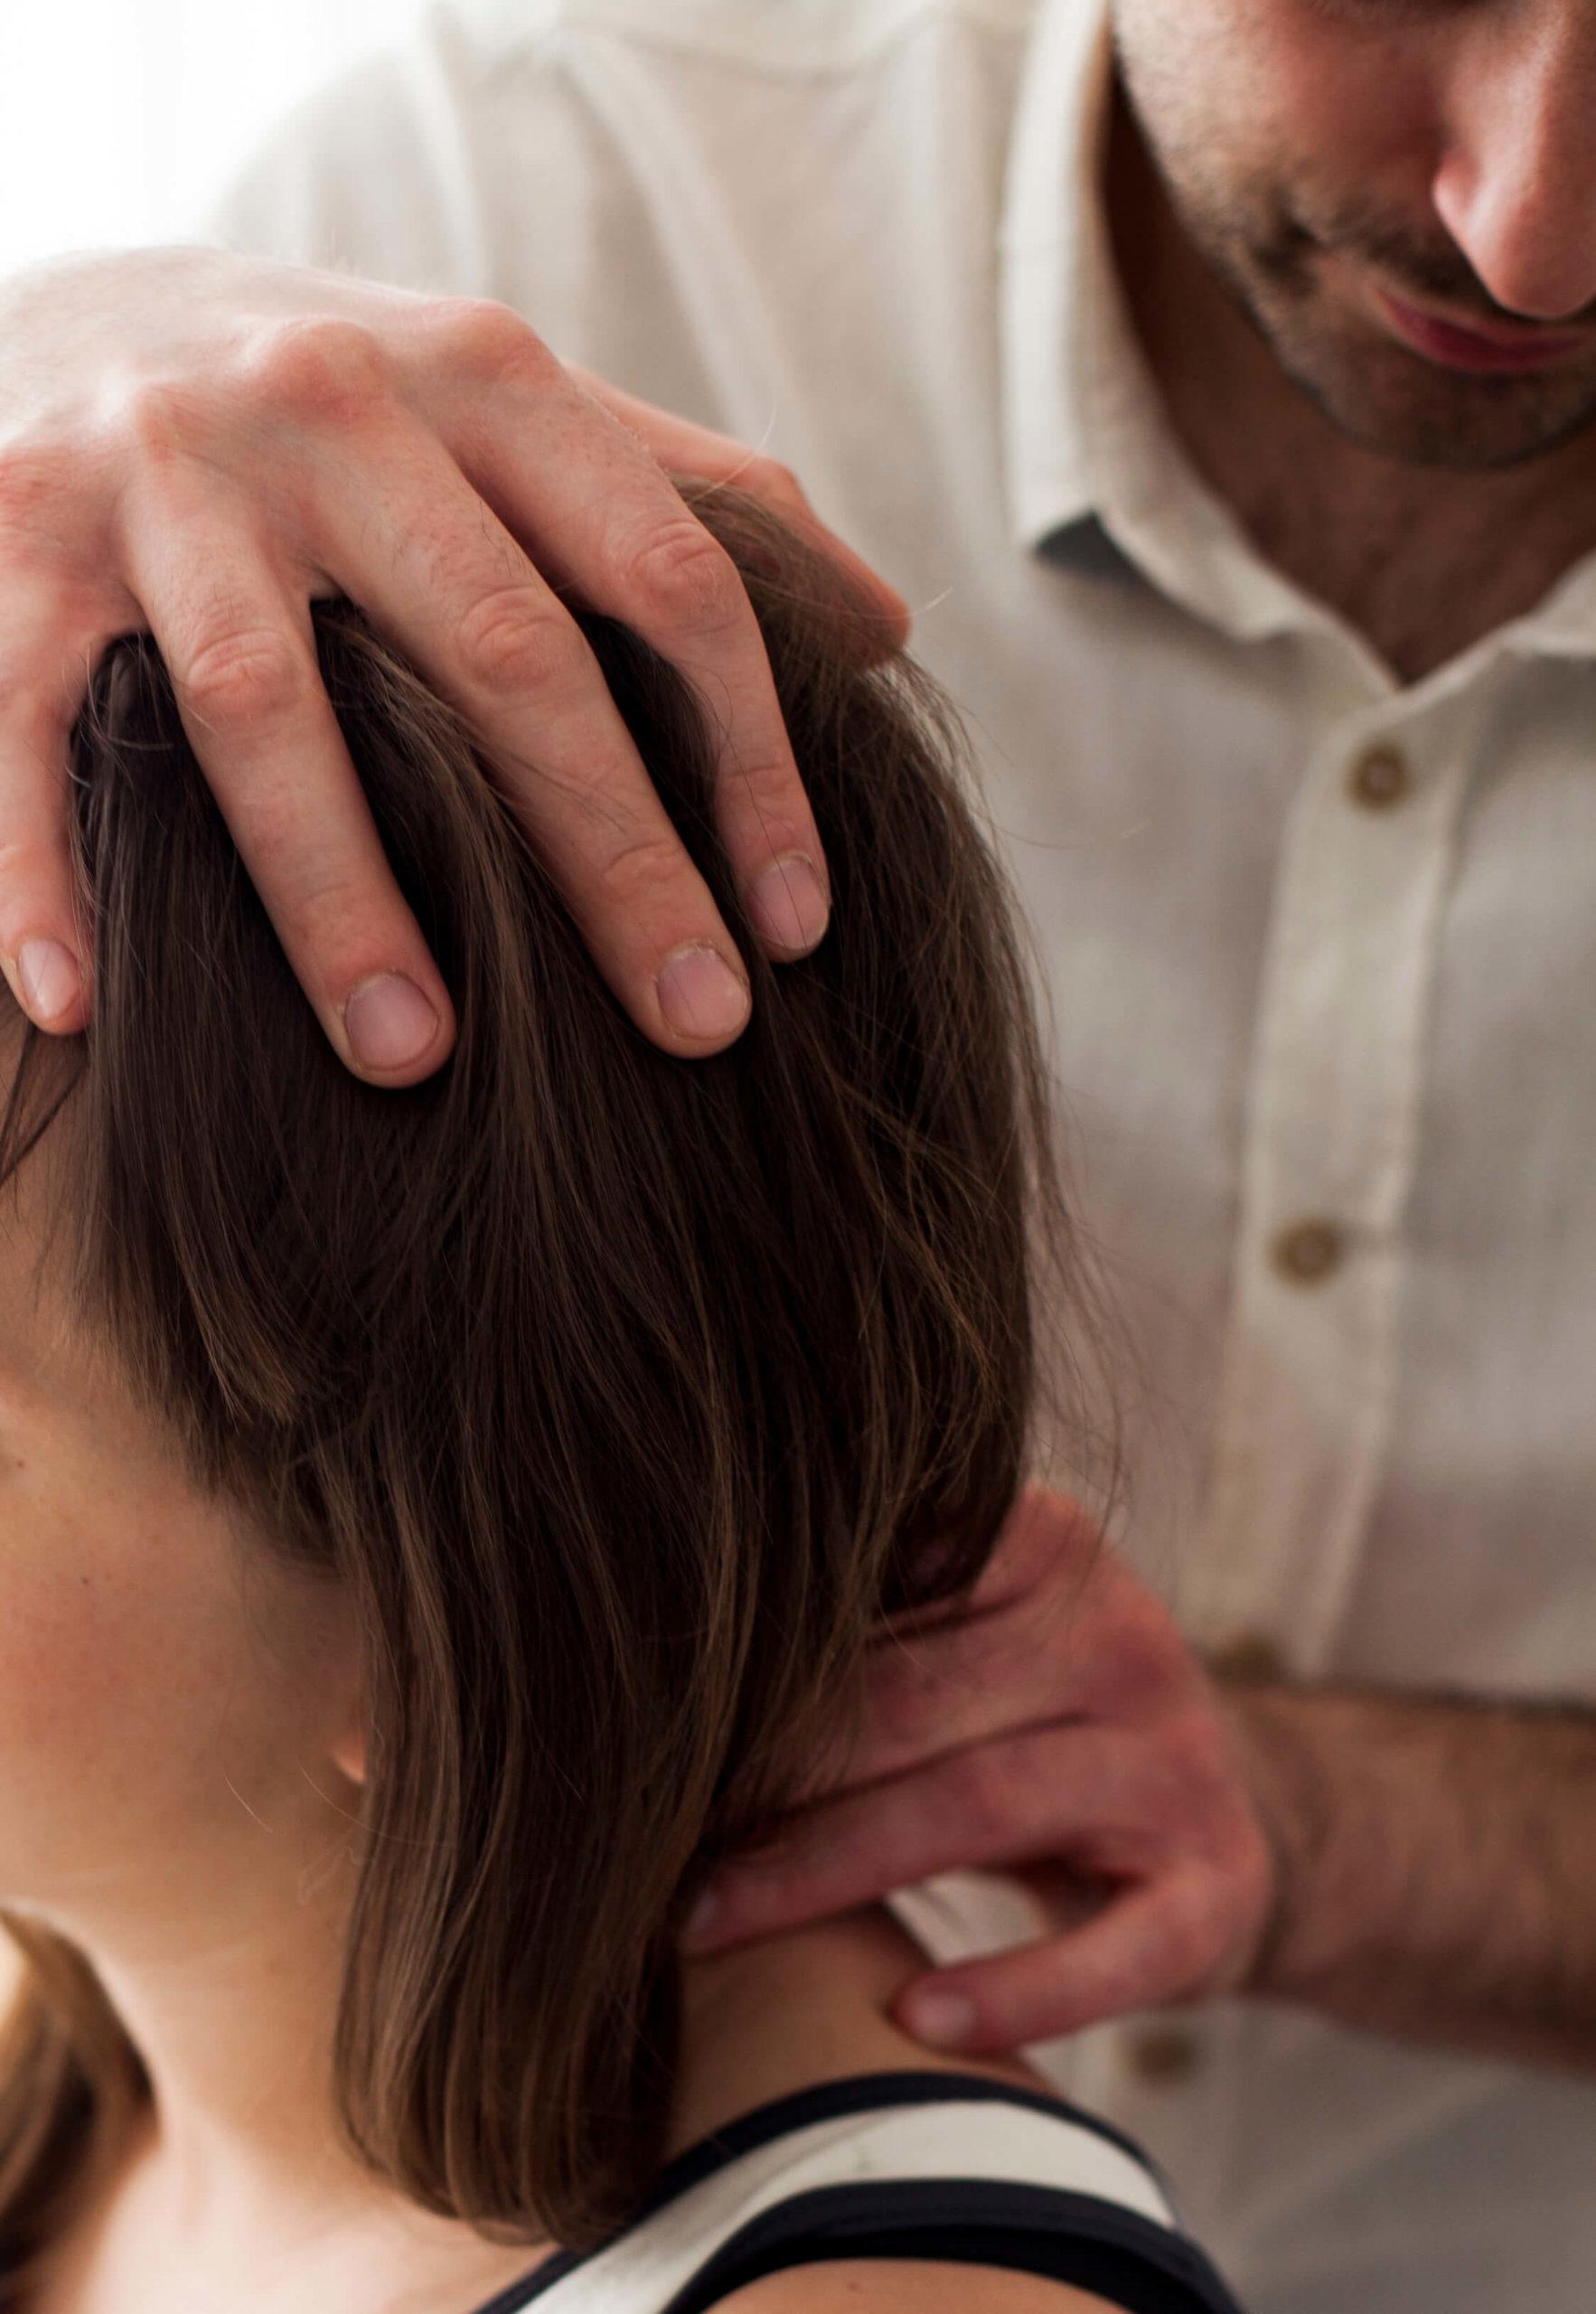 Bole głowy - pomoc osteopaty w przypadku bólu głowy - Warszawa